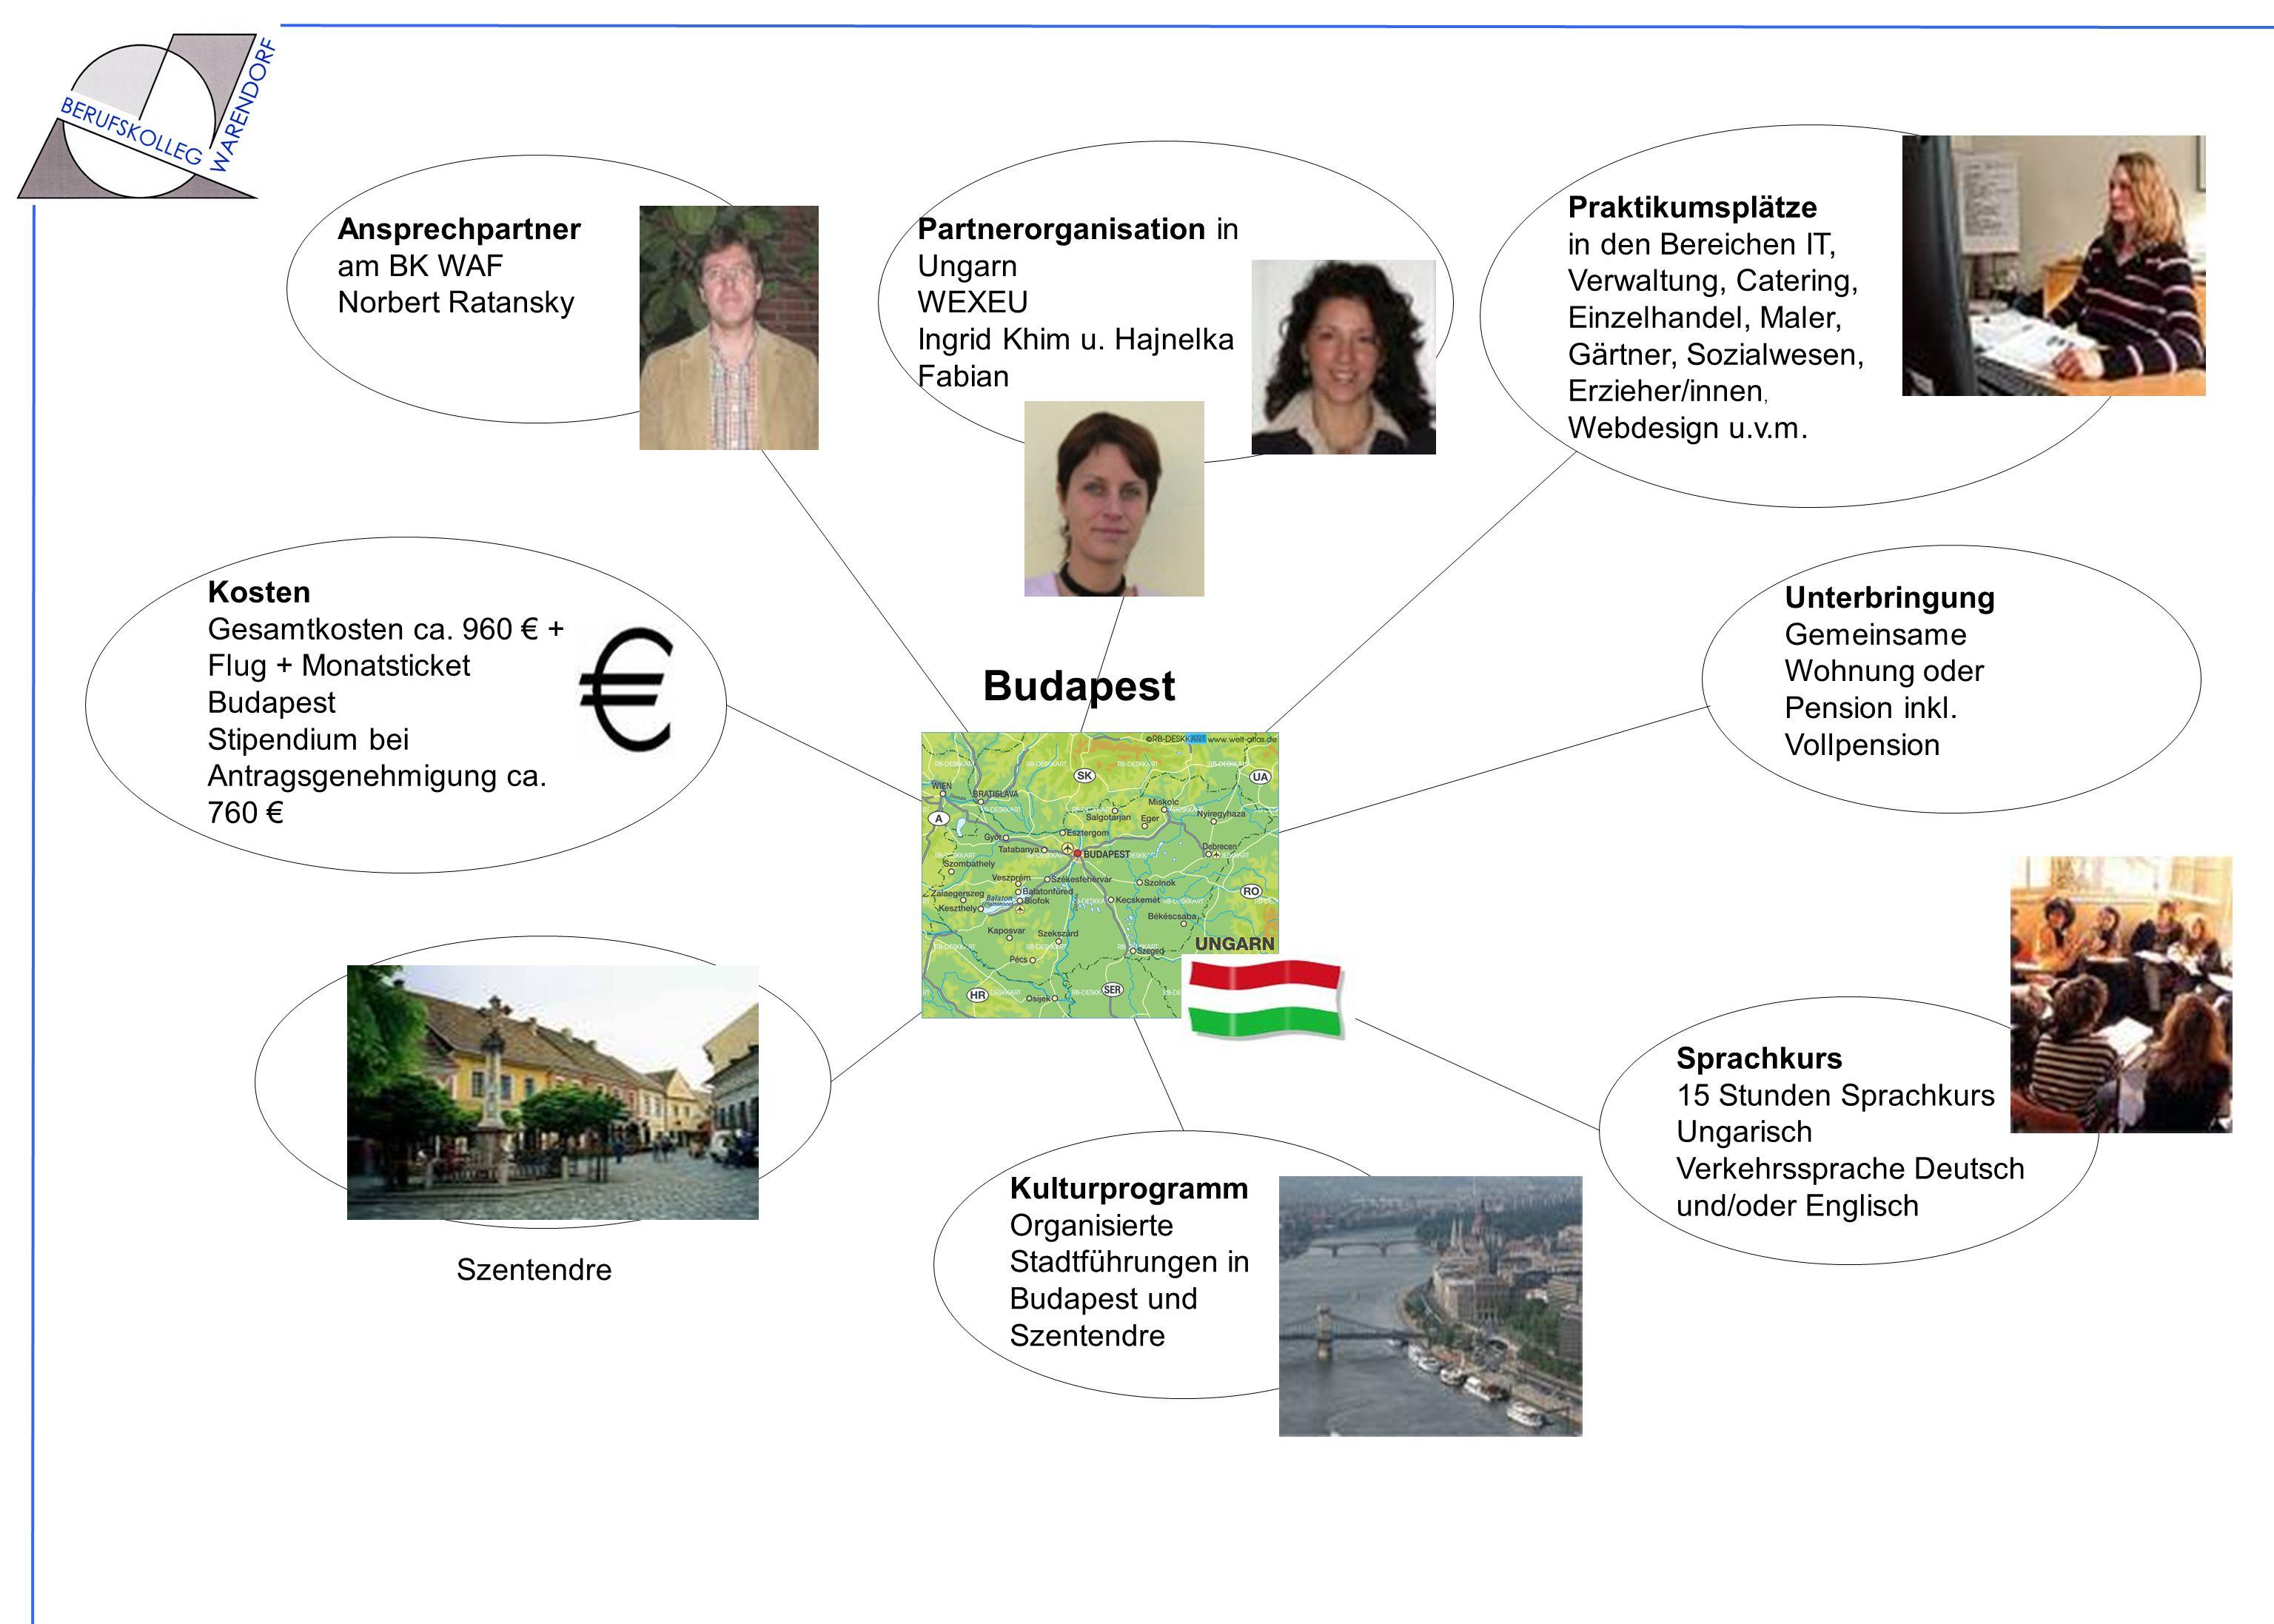 Sprachkurs 15 Stunden Sprachkurs Ungarisch Verkehrssprache Deutsch und/oder Englisch Praktikumsplätze in den Bereichen IT, Verwaltung, Catering, Einze